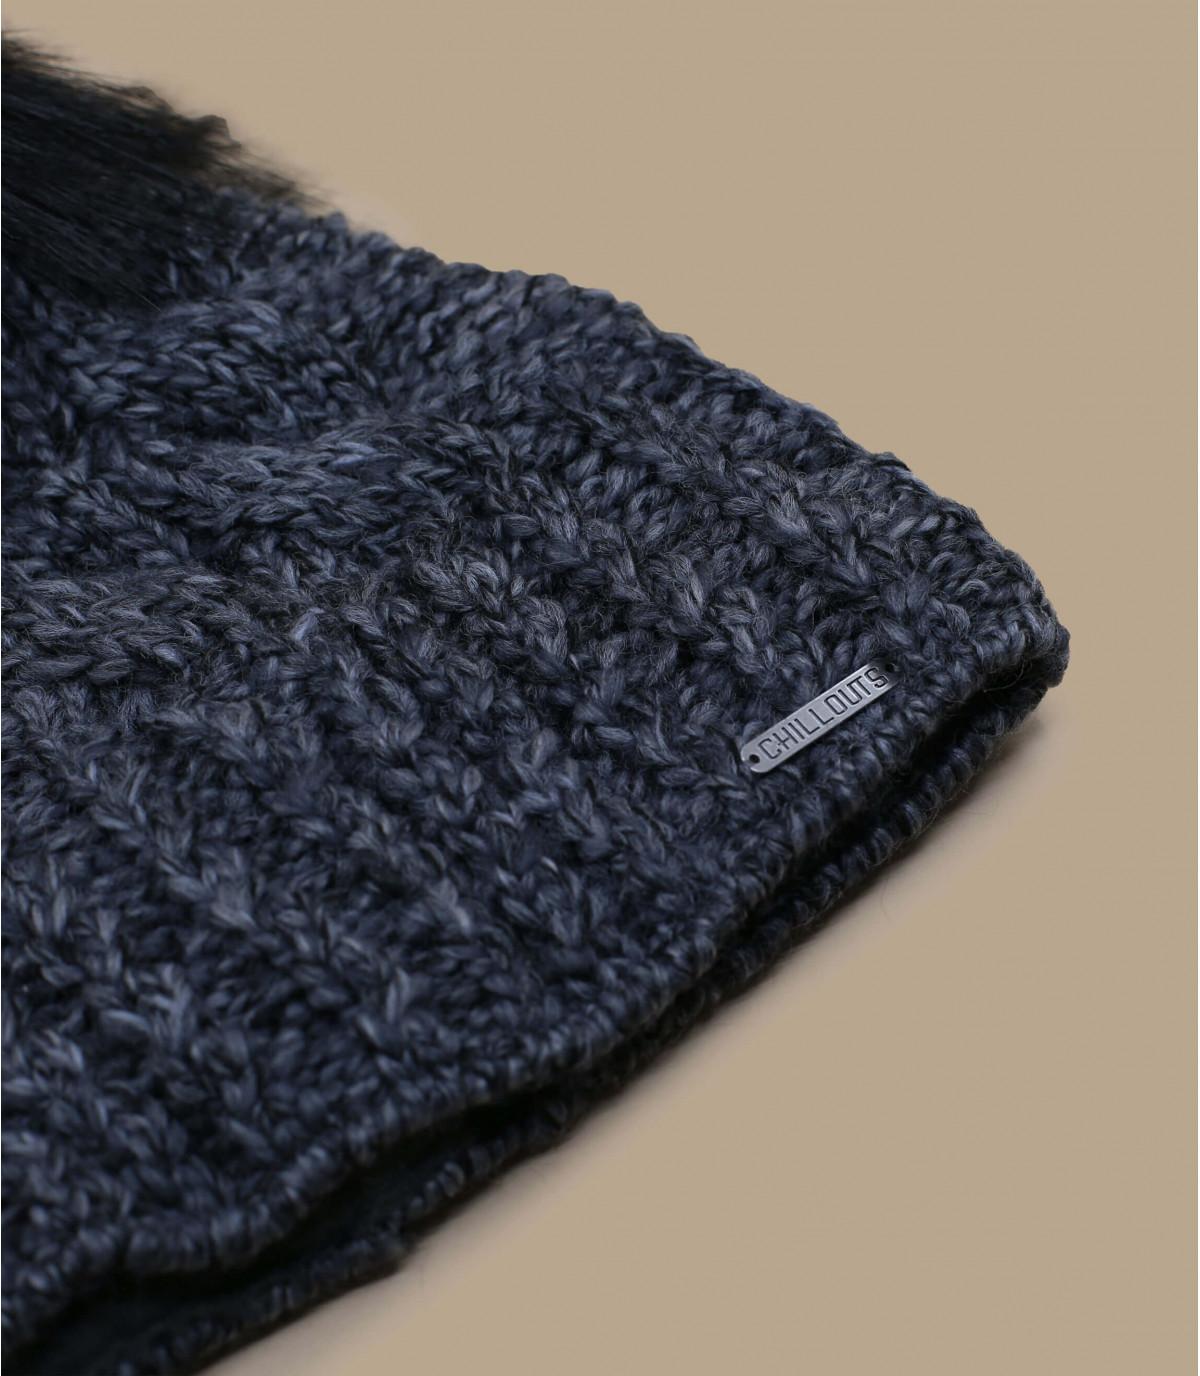 lana gris gorro borla